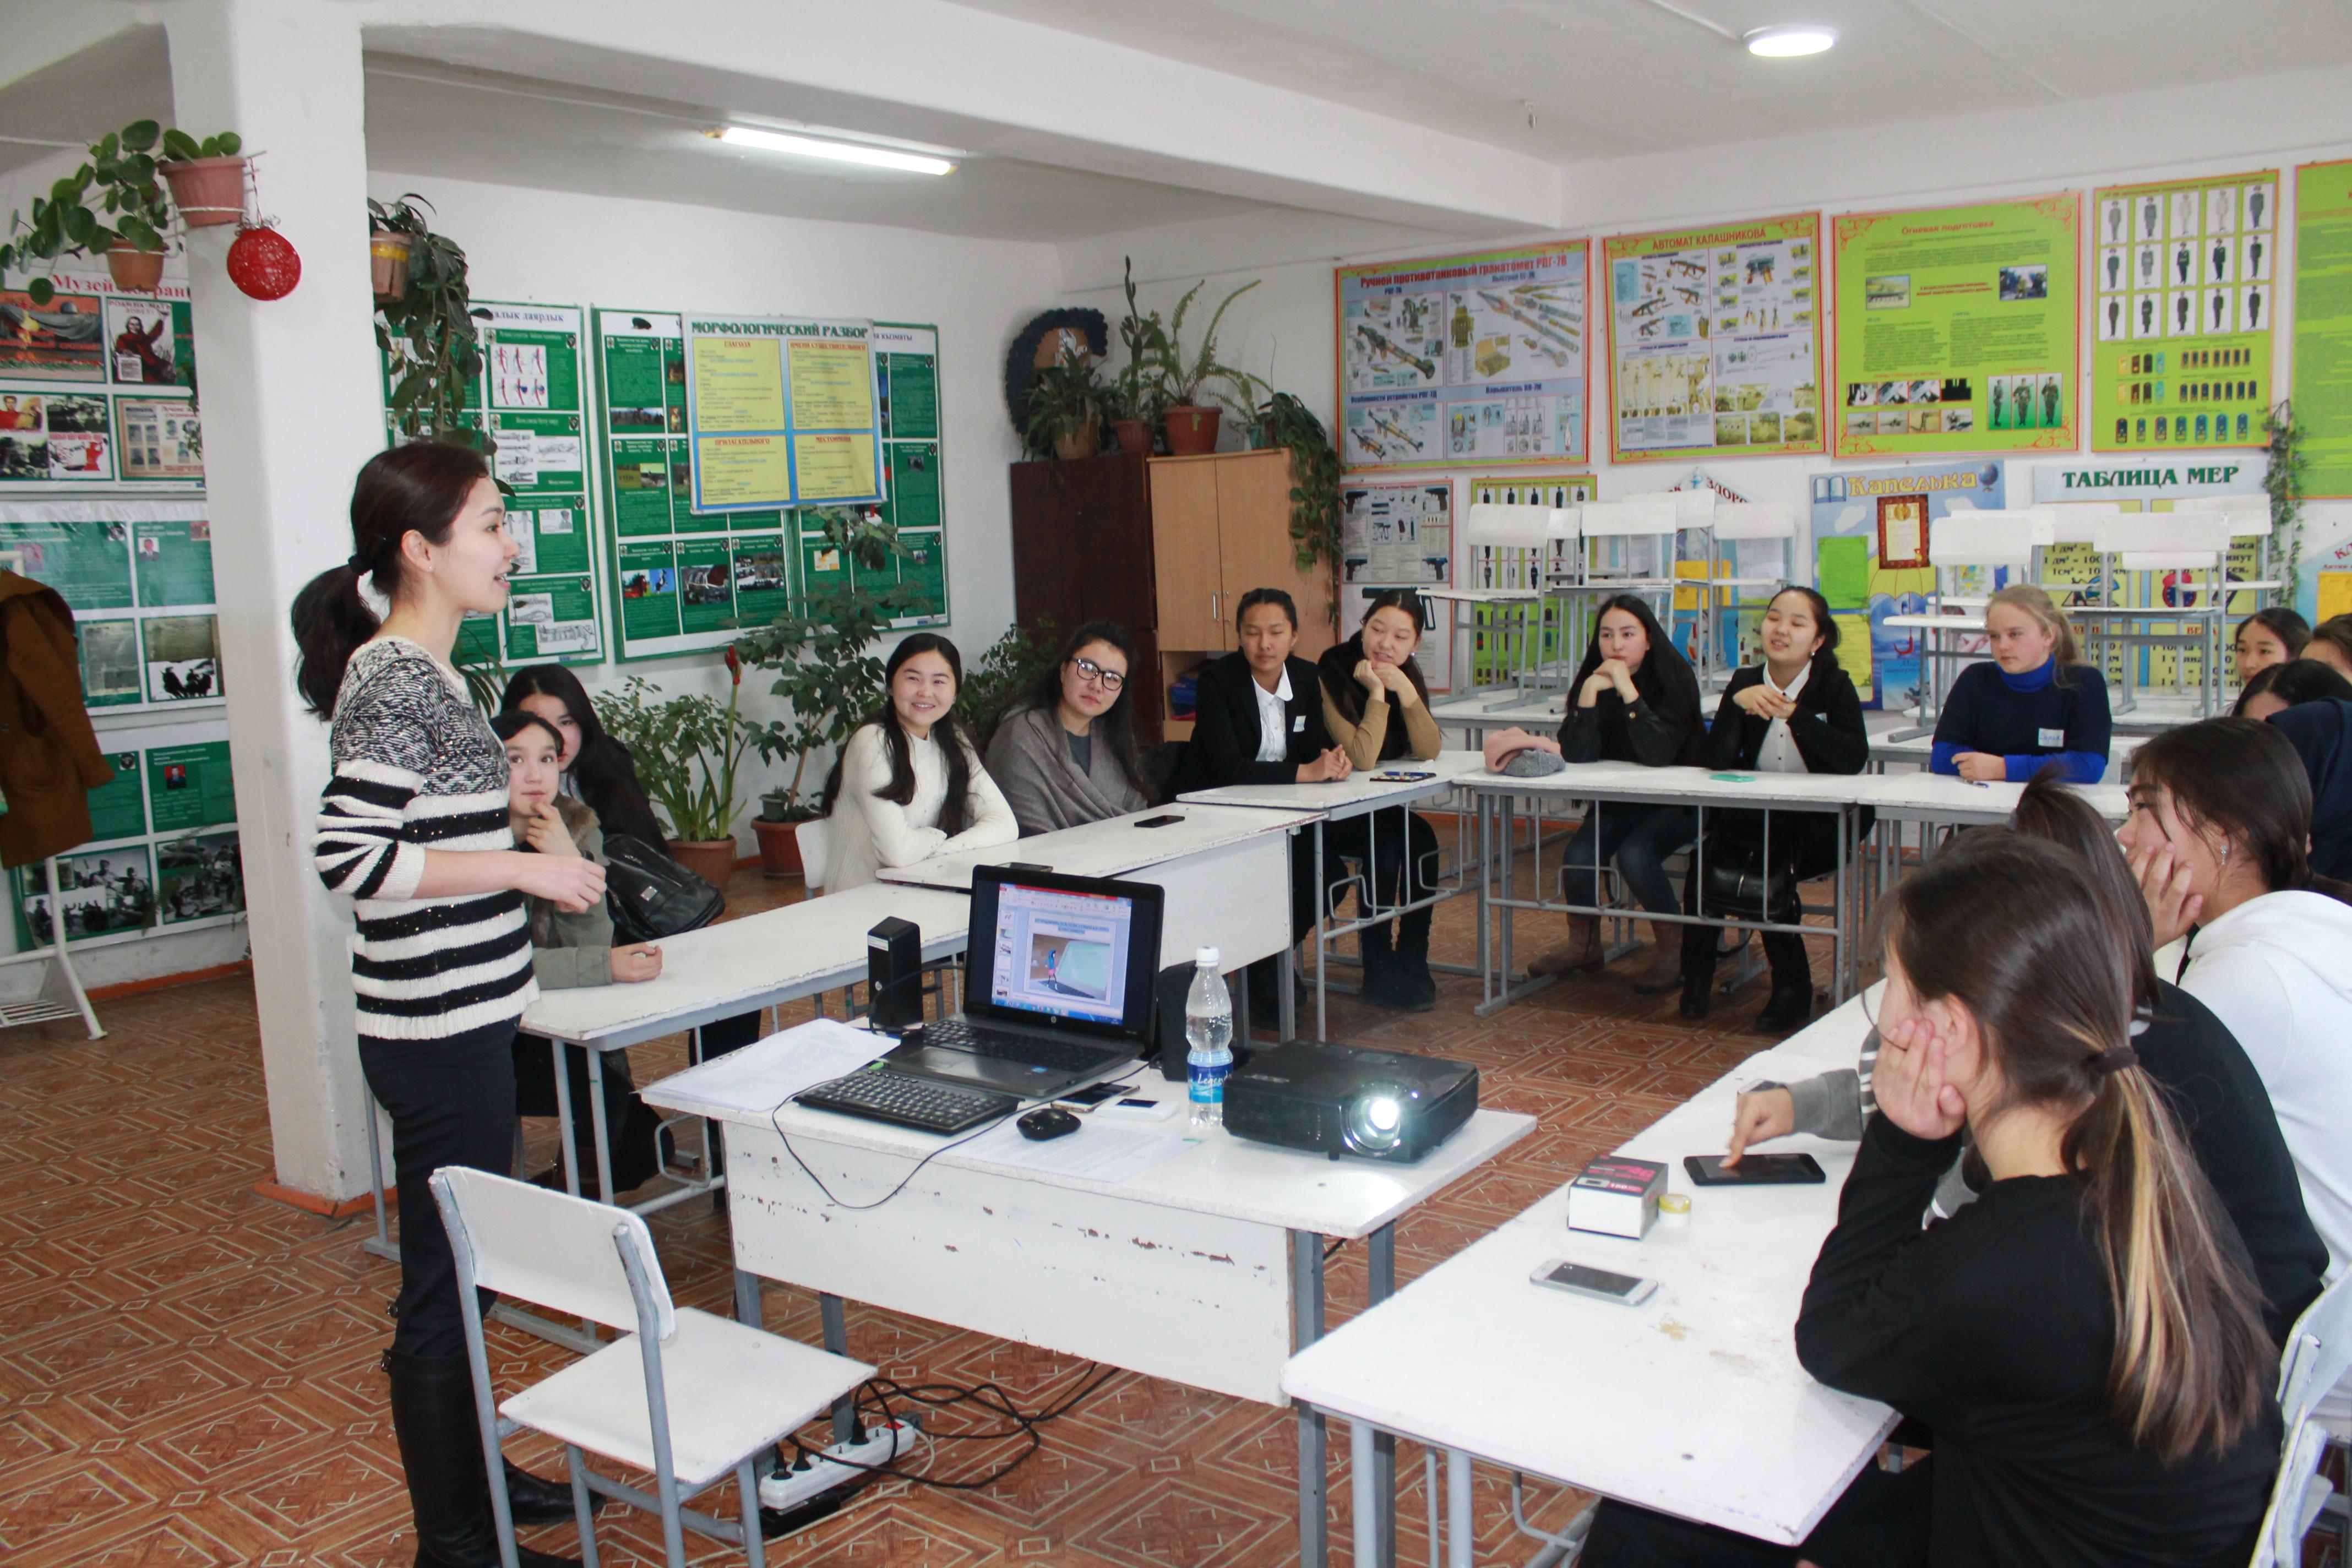 Юные программисты Каракола Юные ученые получили знания в сфере it создавали собственные приложения для телефонов узнали тонкости работы в сфере веб программирования на практике